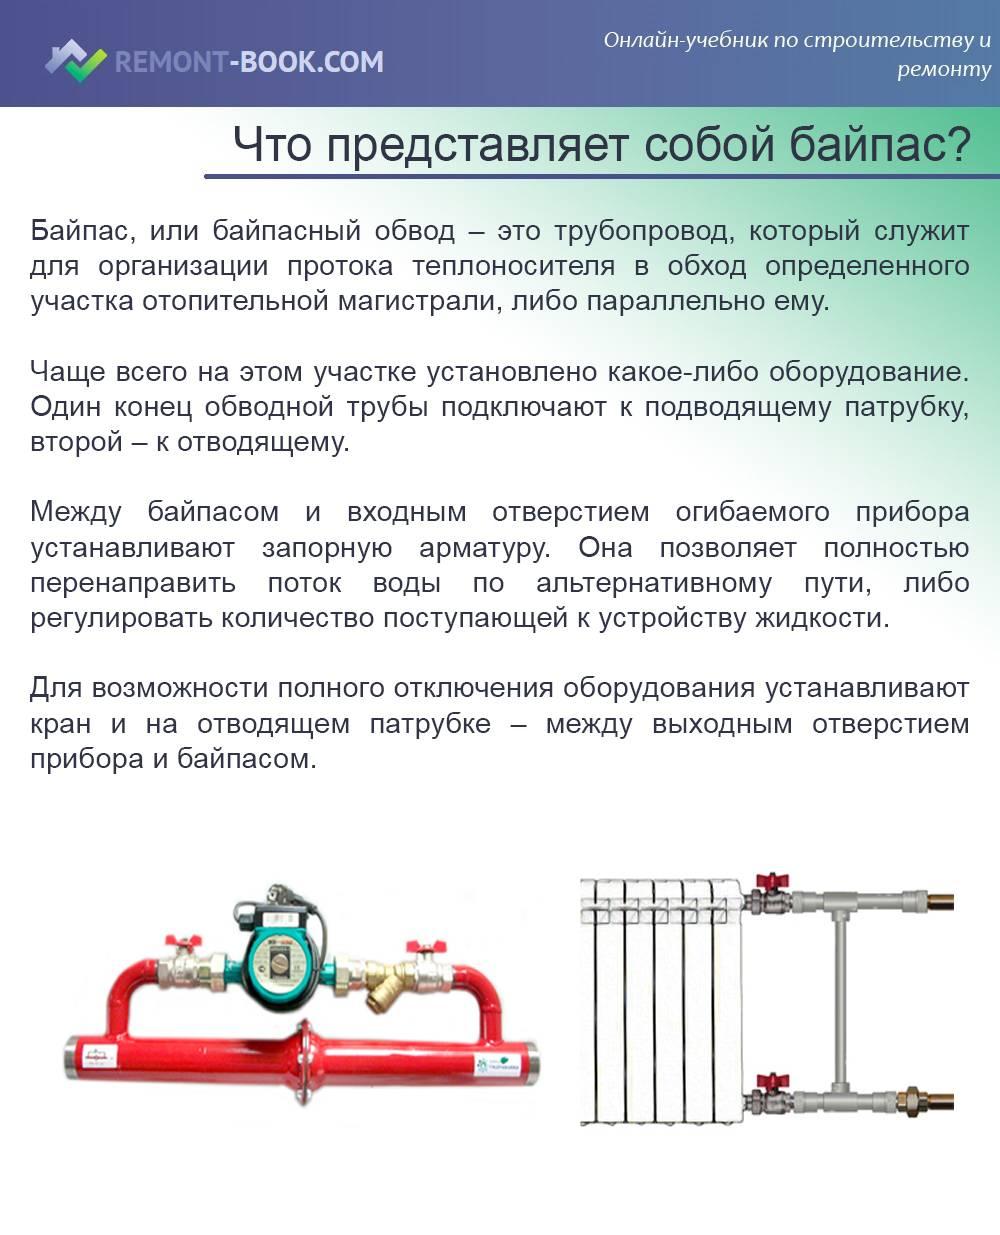 Байпас в системе отопления: что это такое, монтаж, нужен ли?